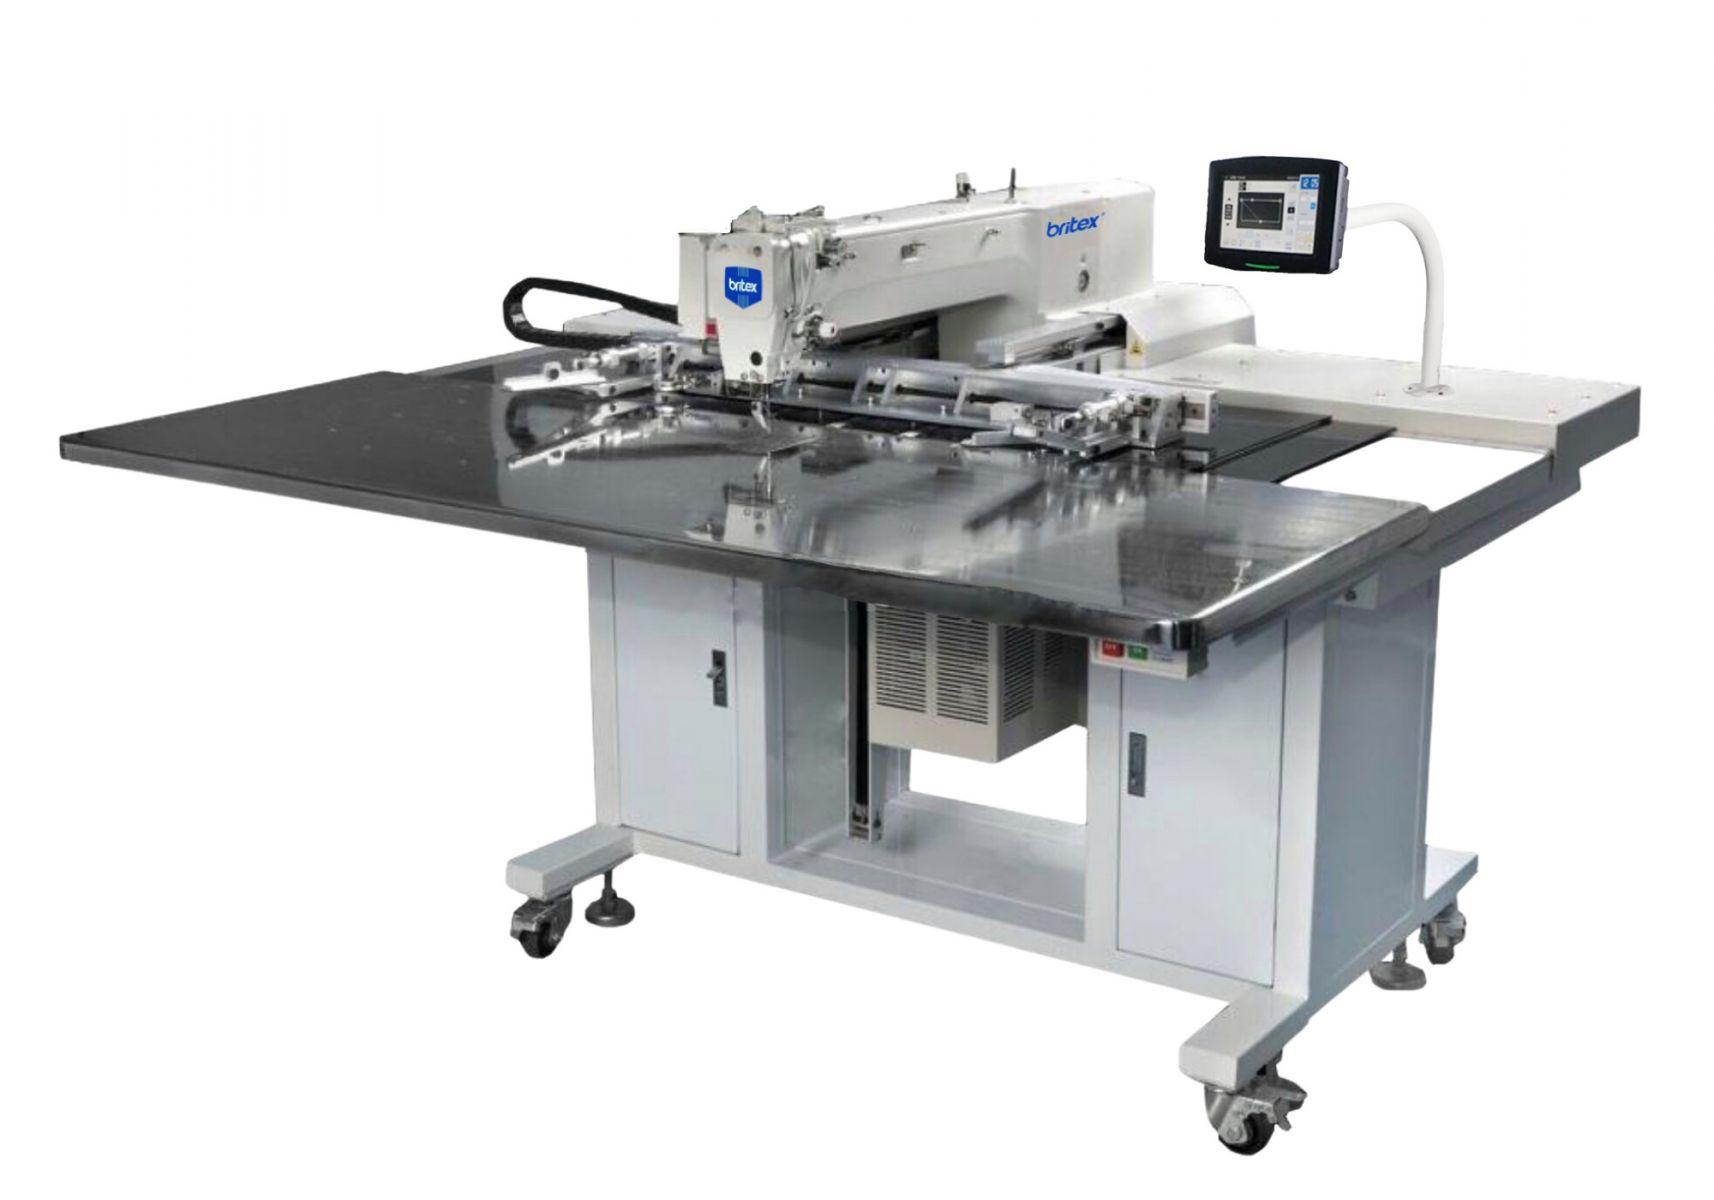 Máy Lập trình khổ 600mmx400mm (Mẫu Brother) - Hiệu: Britex, Model: BR-6040G